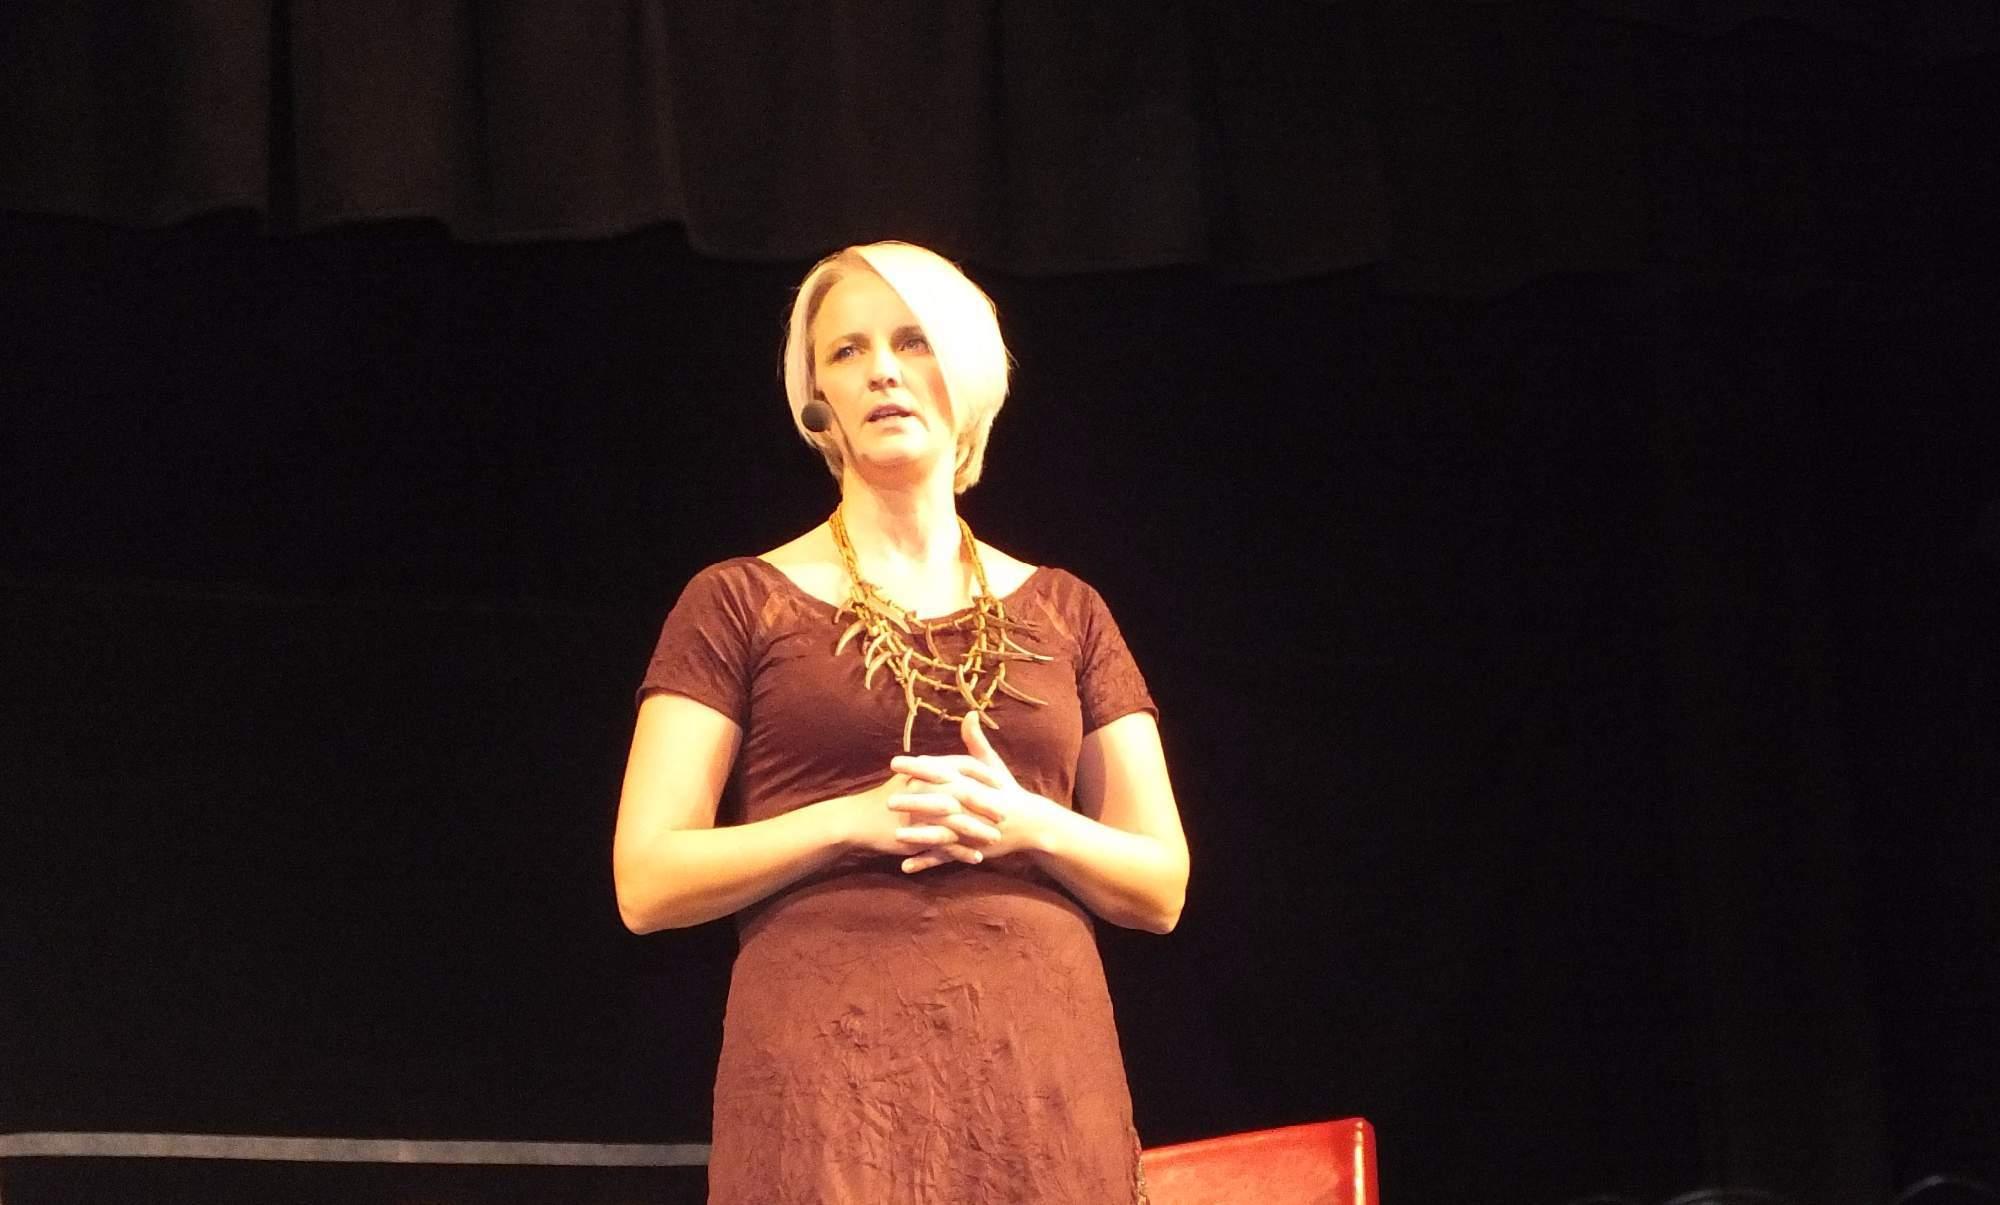 Začalo se včas. Moderátorka diváky uvítala za tónů písně Snadné je žít. Foto: Nikola Pavlasová